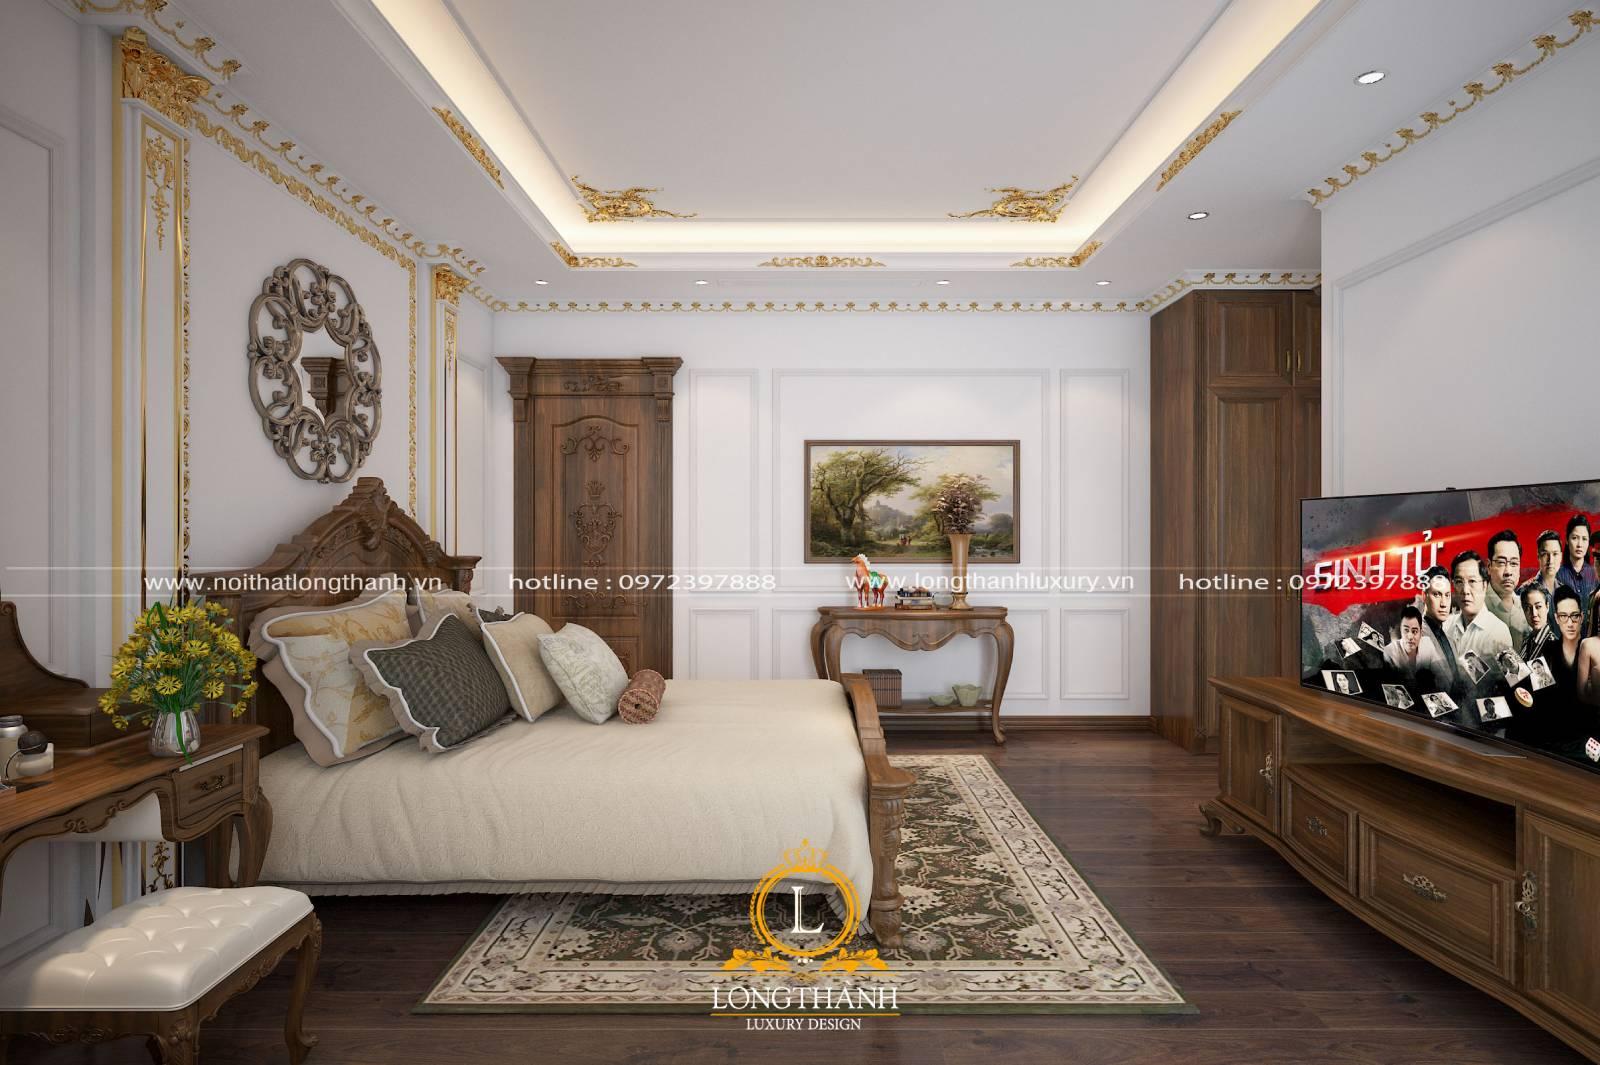 Bộ nội thất phòng ngủ tân cổ điển sử dụng gỗ tự nhiên cao cấp